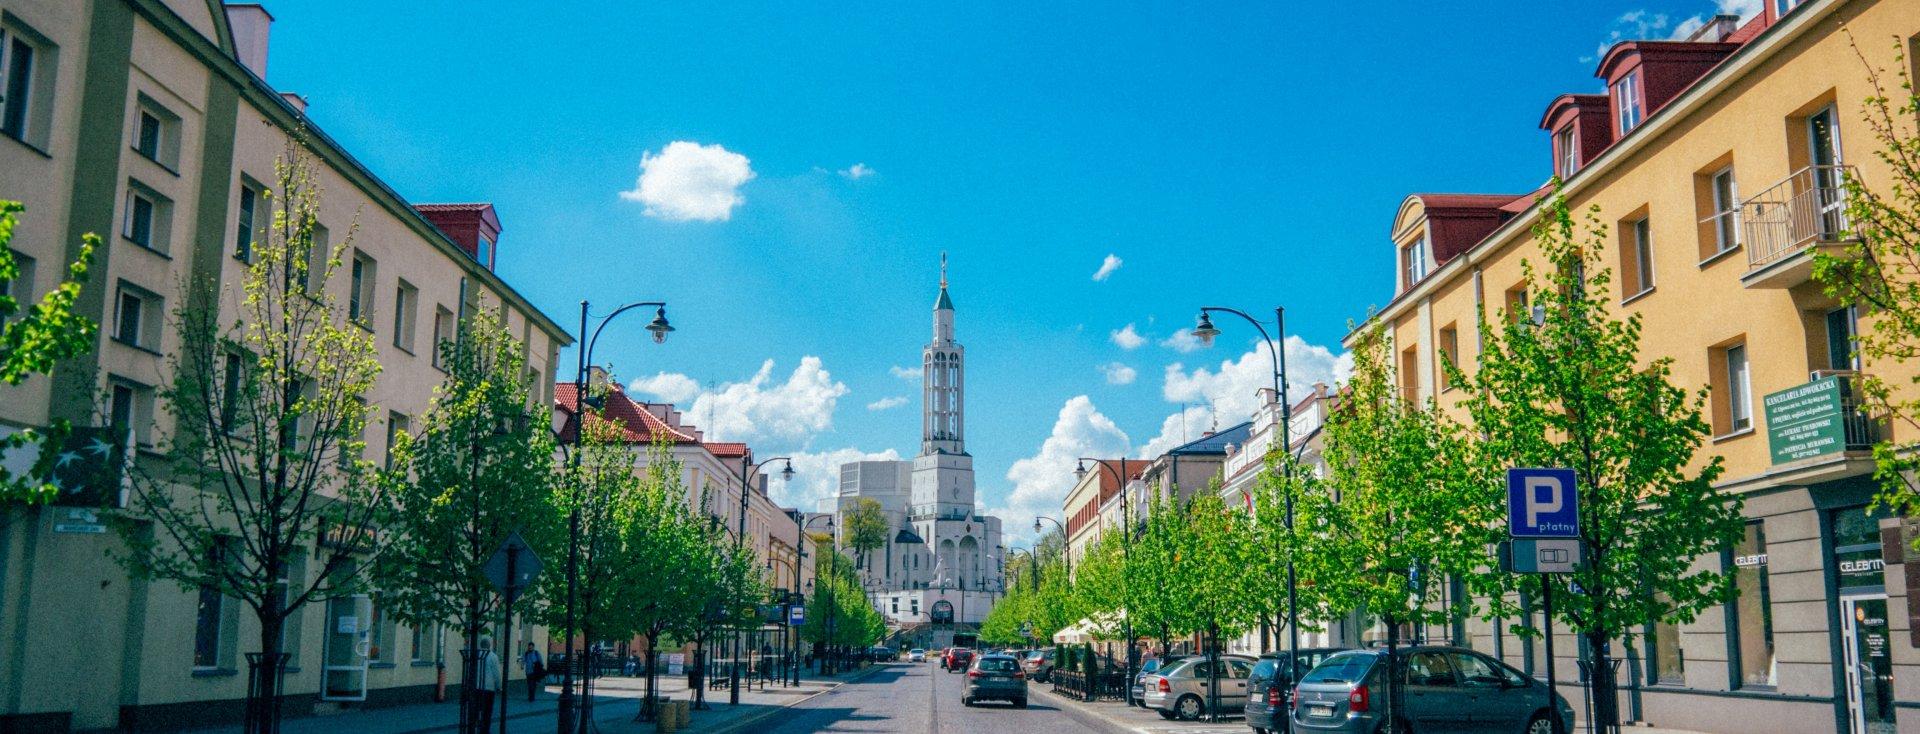 Wakacje w Białymstoku